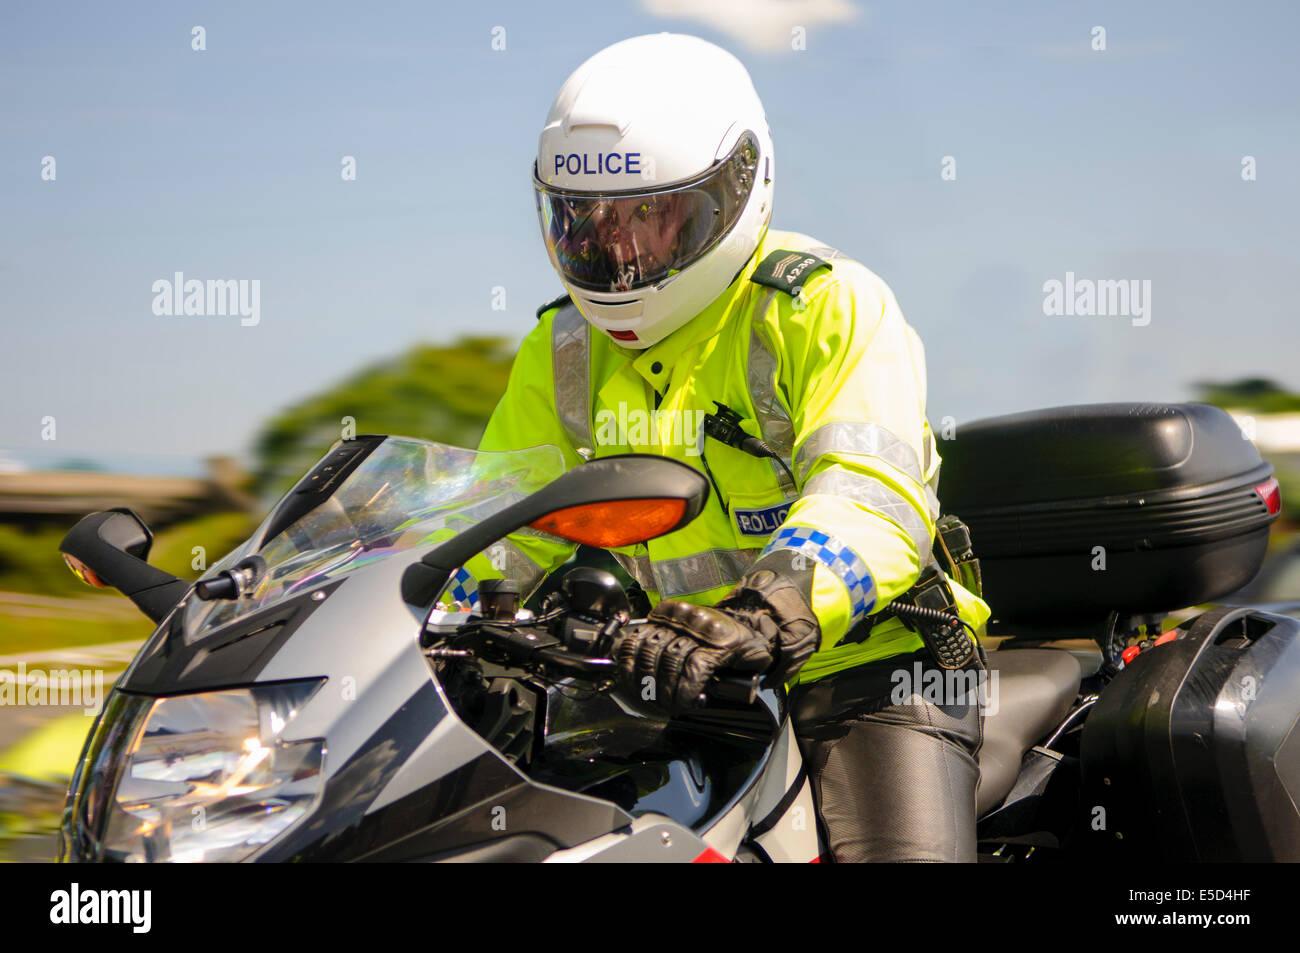 polizei motorradfahrer f hrt eine unmarkierte polizei. Black Bedroom Furniture Sets. Home Design Ideas